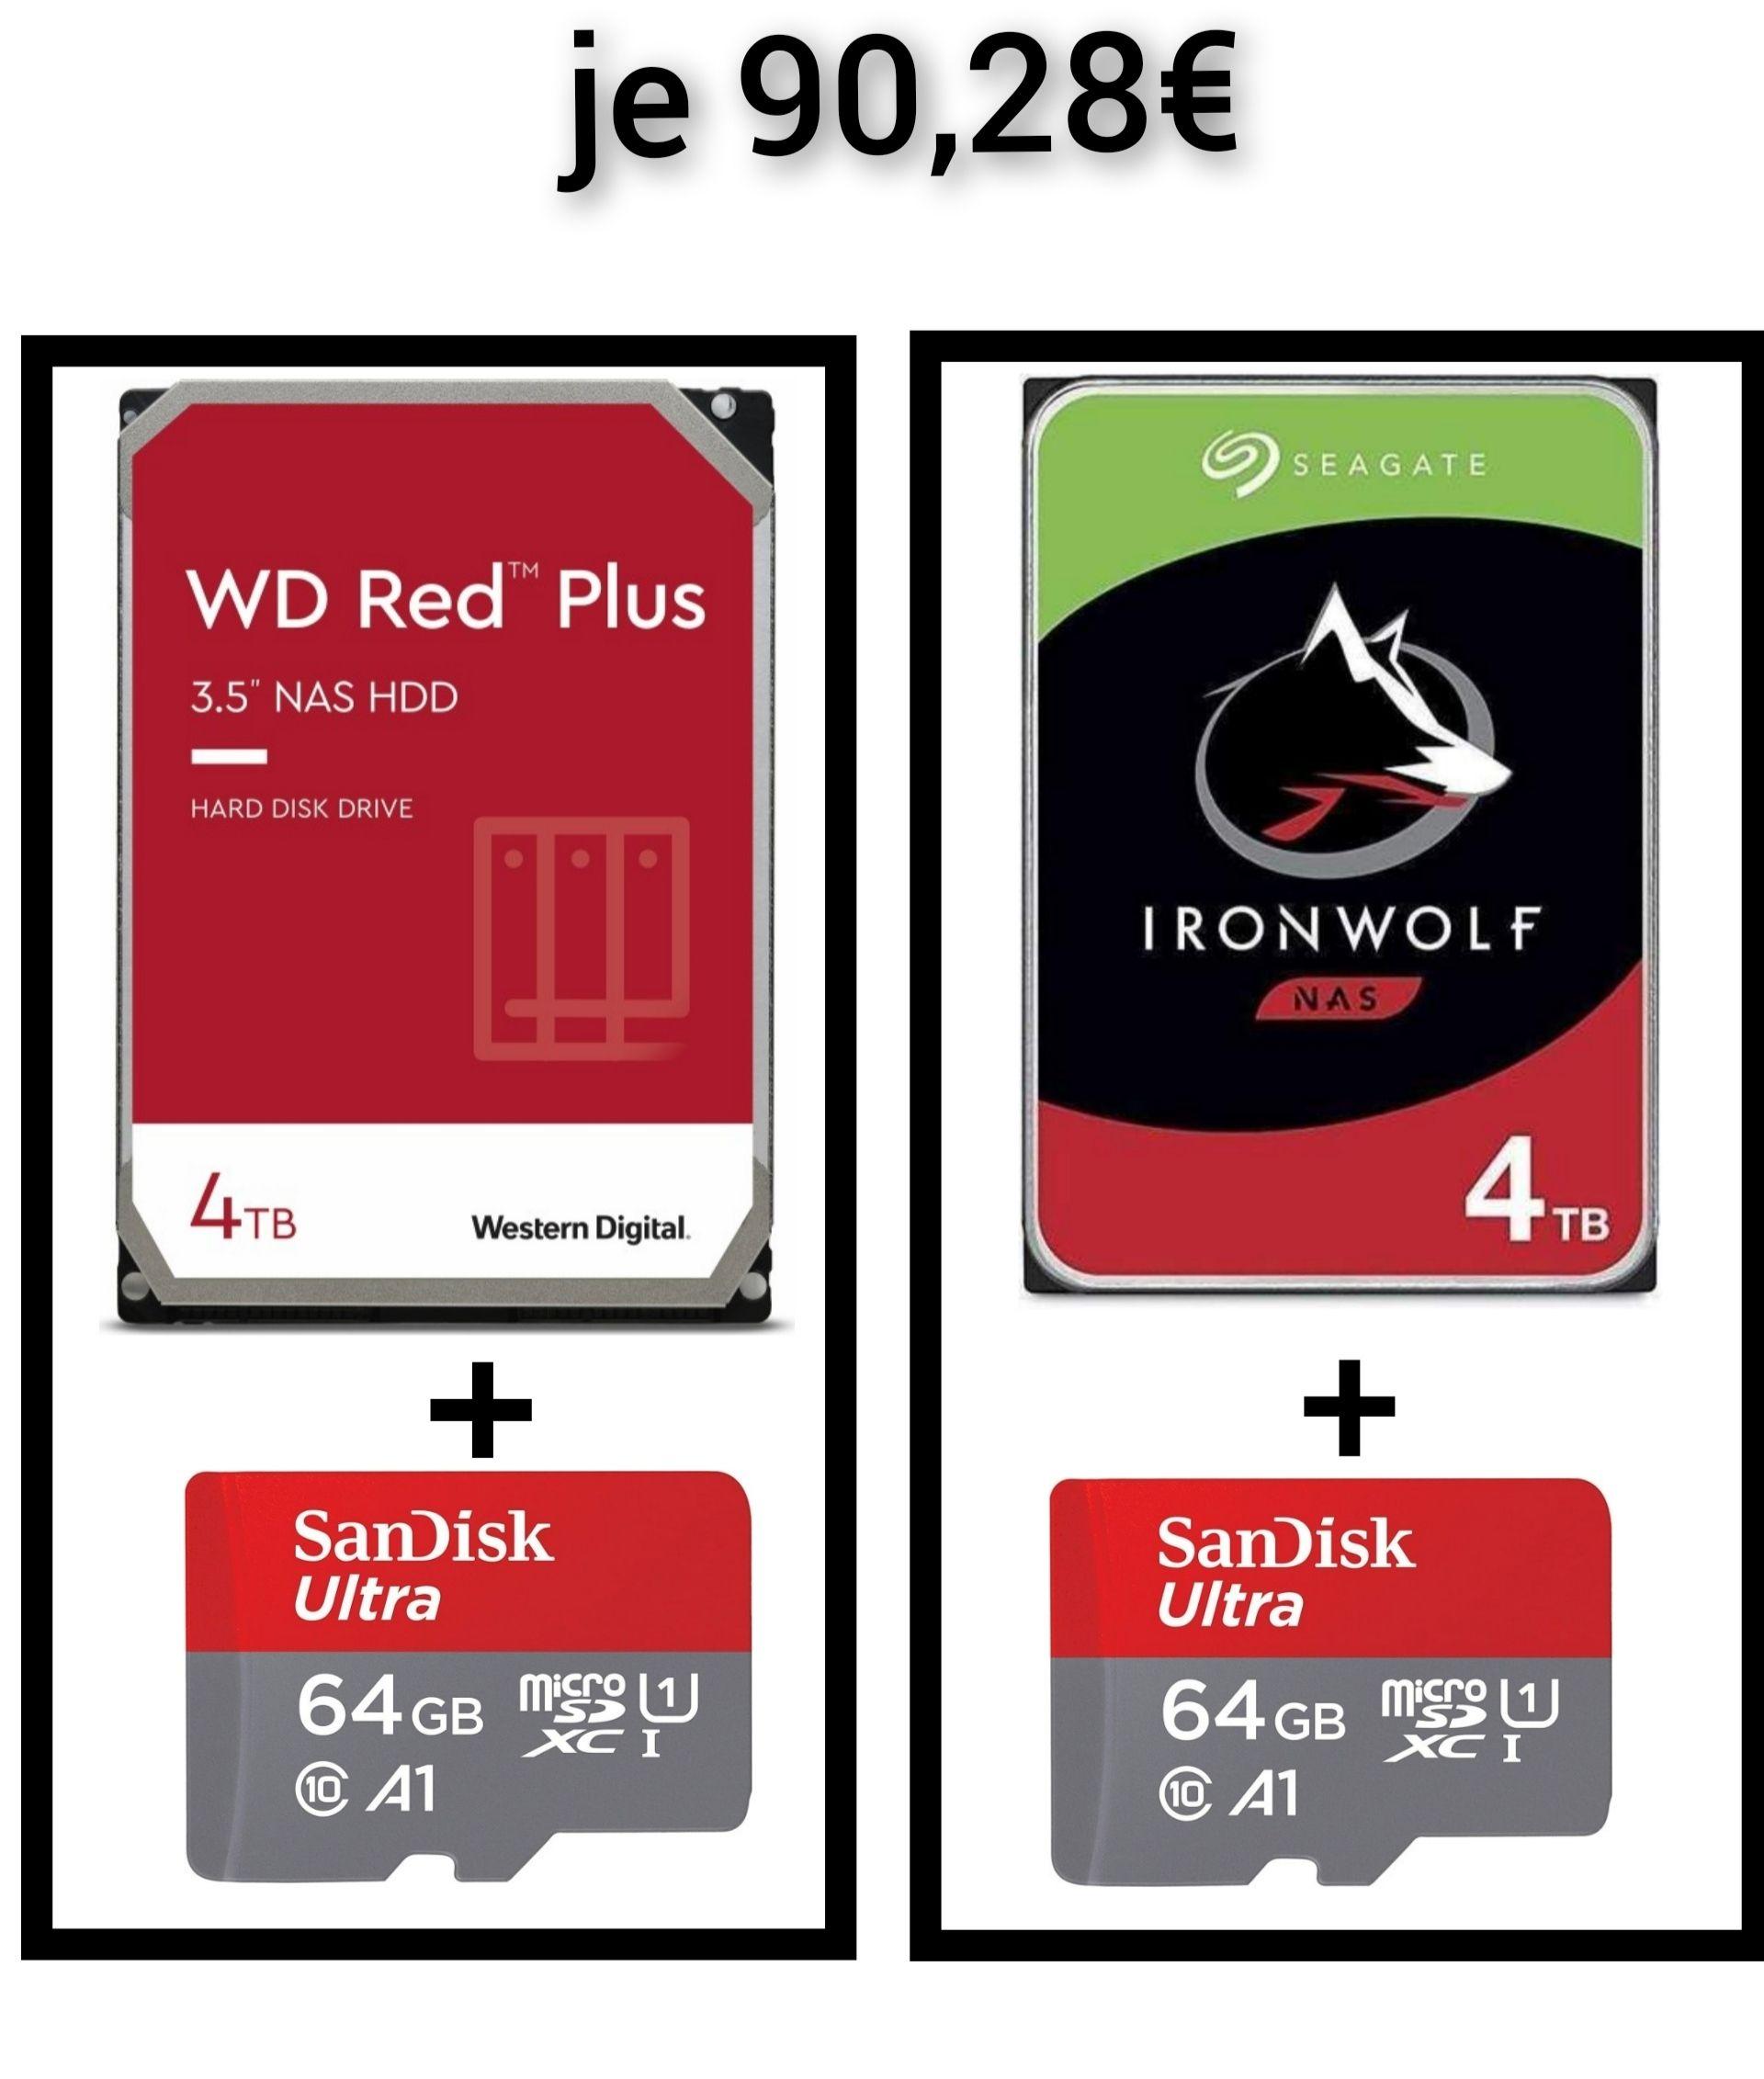 Seagate Ironwolf 4TB (ST4000VN008) oder WD Red Plus 4TB (WD40EFZX) mit 64GB Micro SDXC für je 90,28€ (beide CMR)